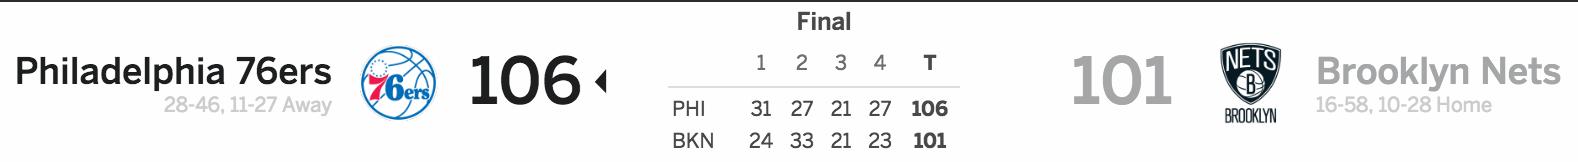 Brooklyn Nets vs Philadelphia 76ers 3/28/17 Score